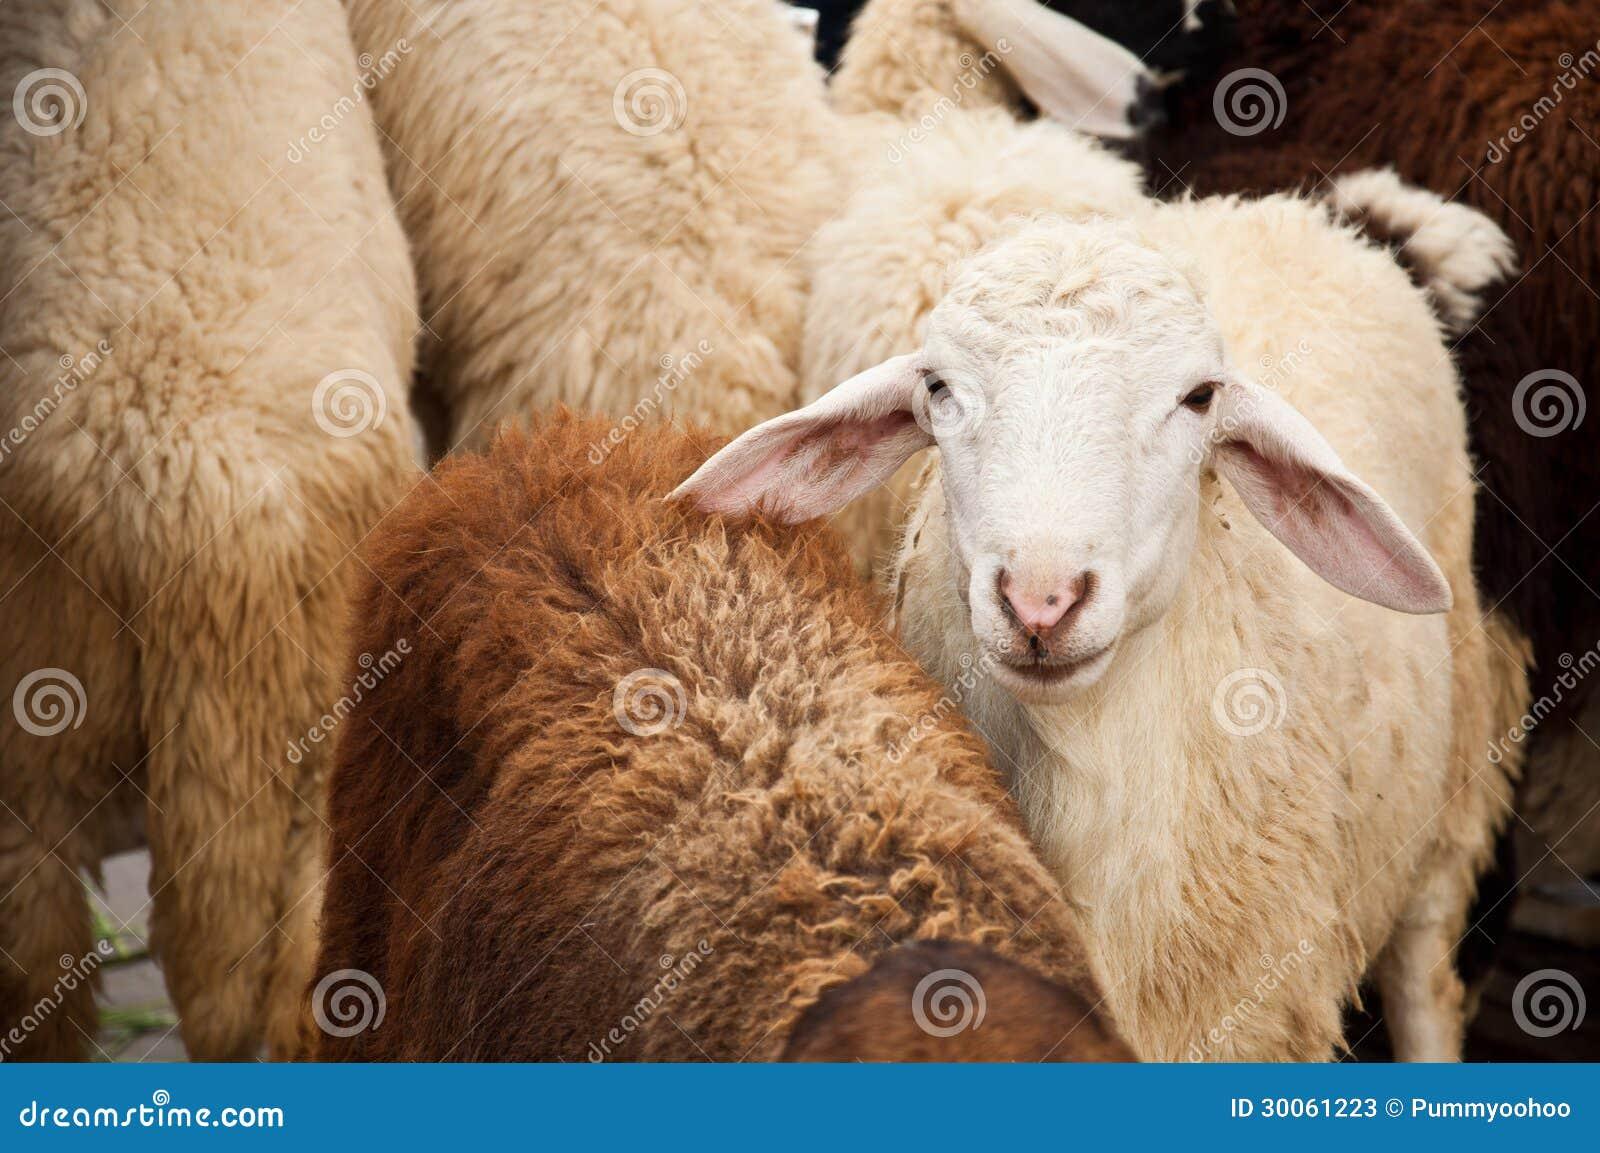 White sheep herd - photo#14